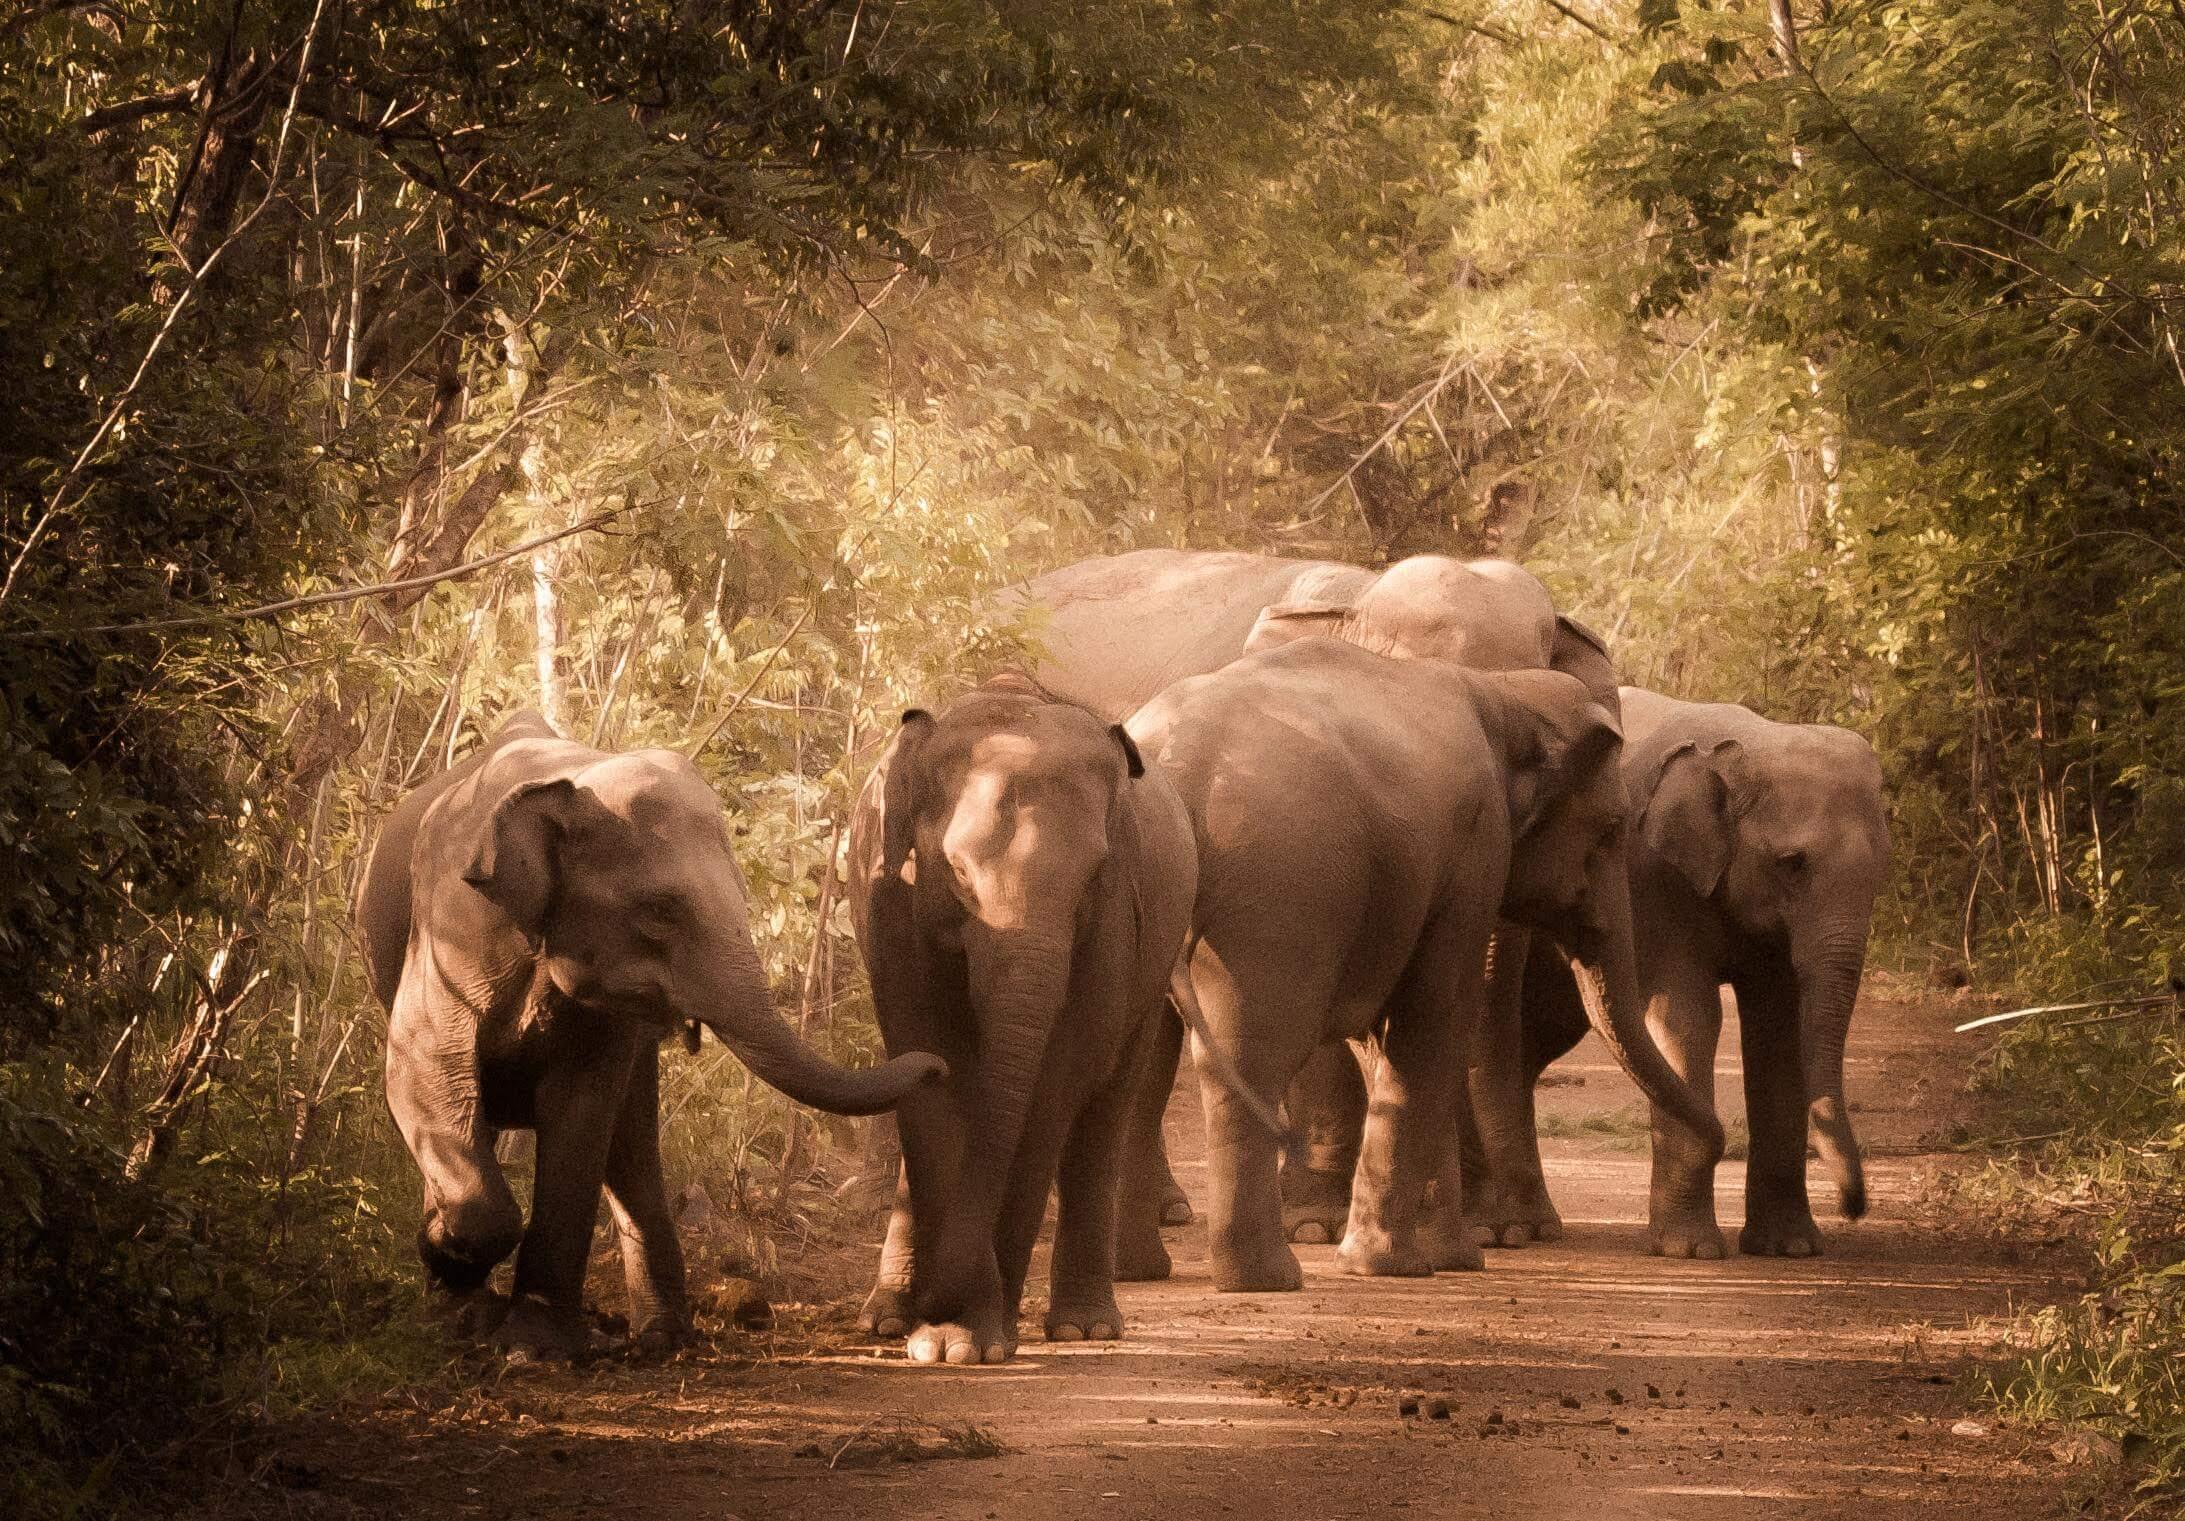 WED-image of Elephants